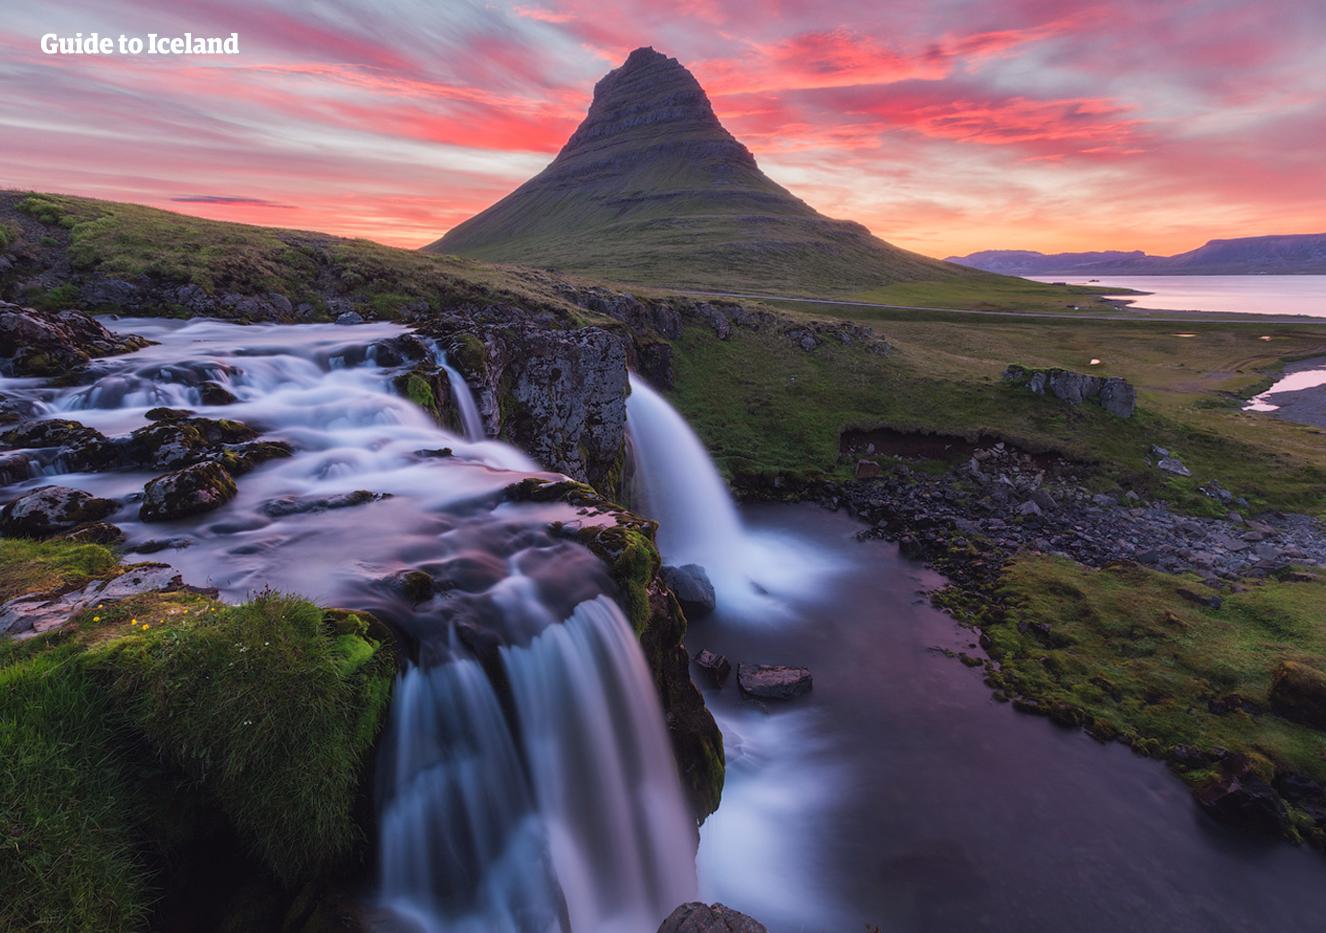 Der pfeilförmige Berg Kirkjufell auf der Halbinsel Snaefellsnes im Licht der Mitternachtssonne.